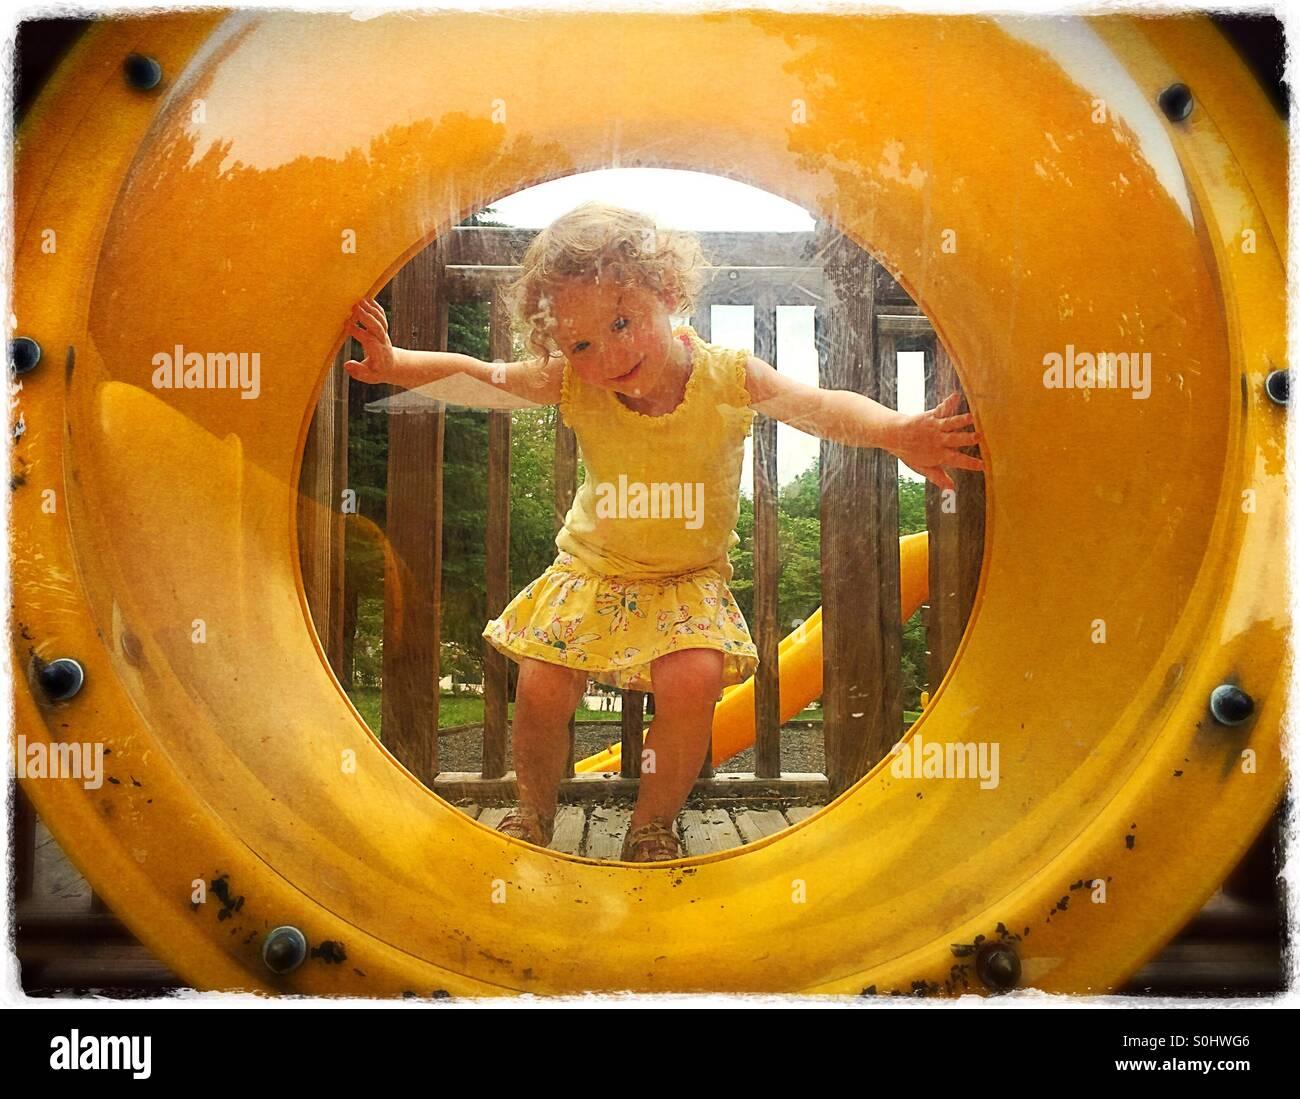 Bébé fille à l'aire de jeux Photo Stock